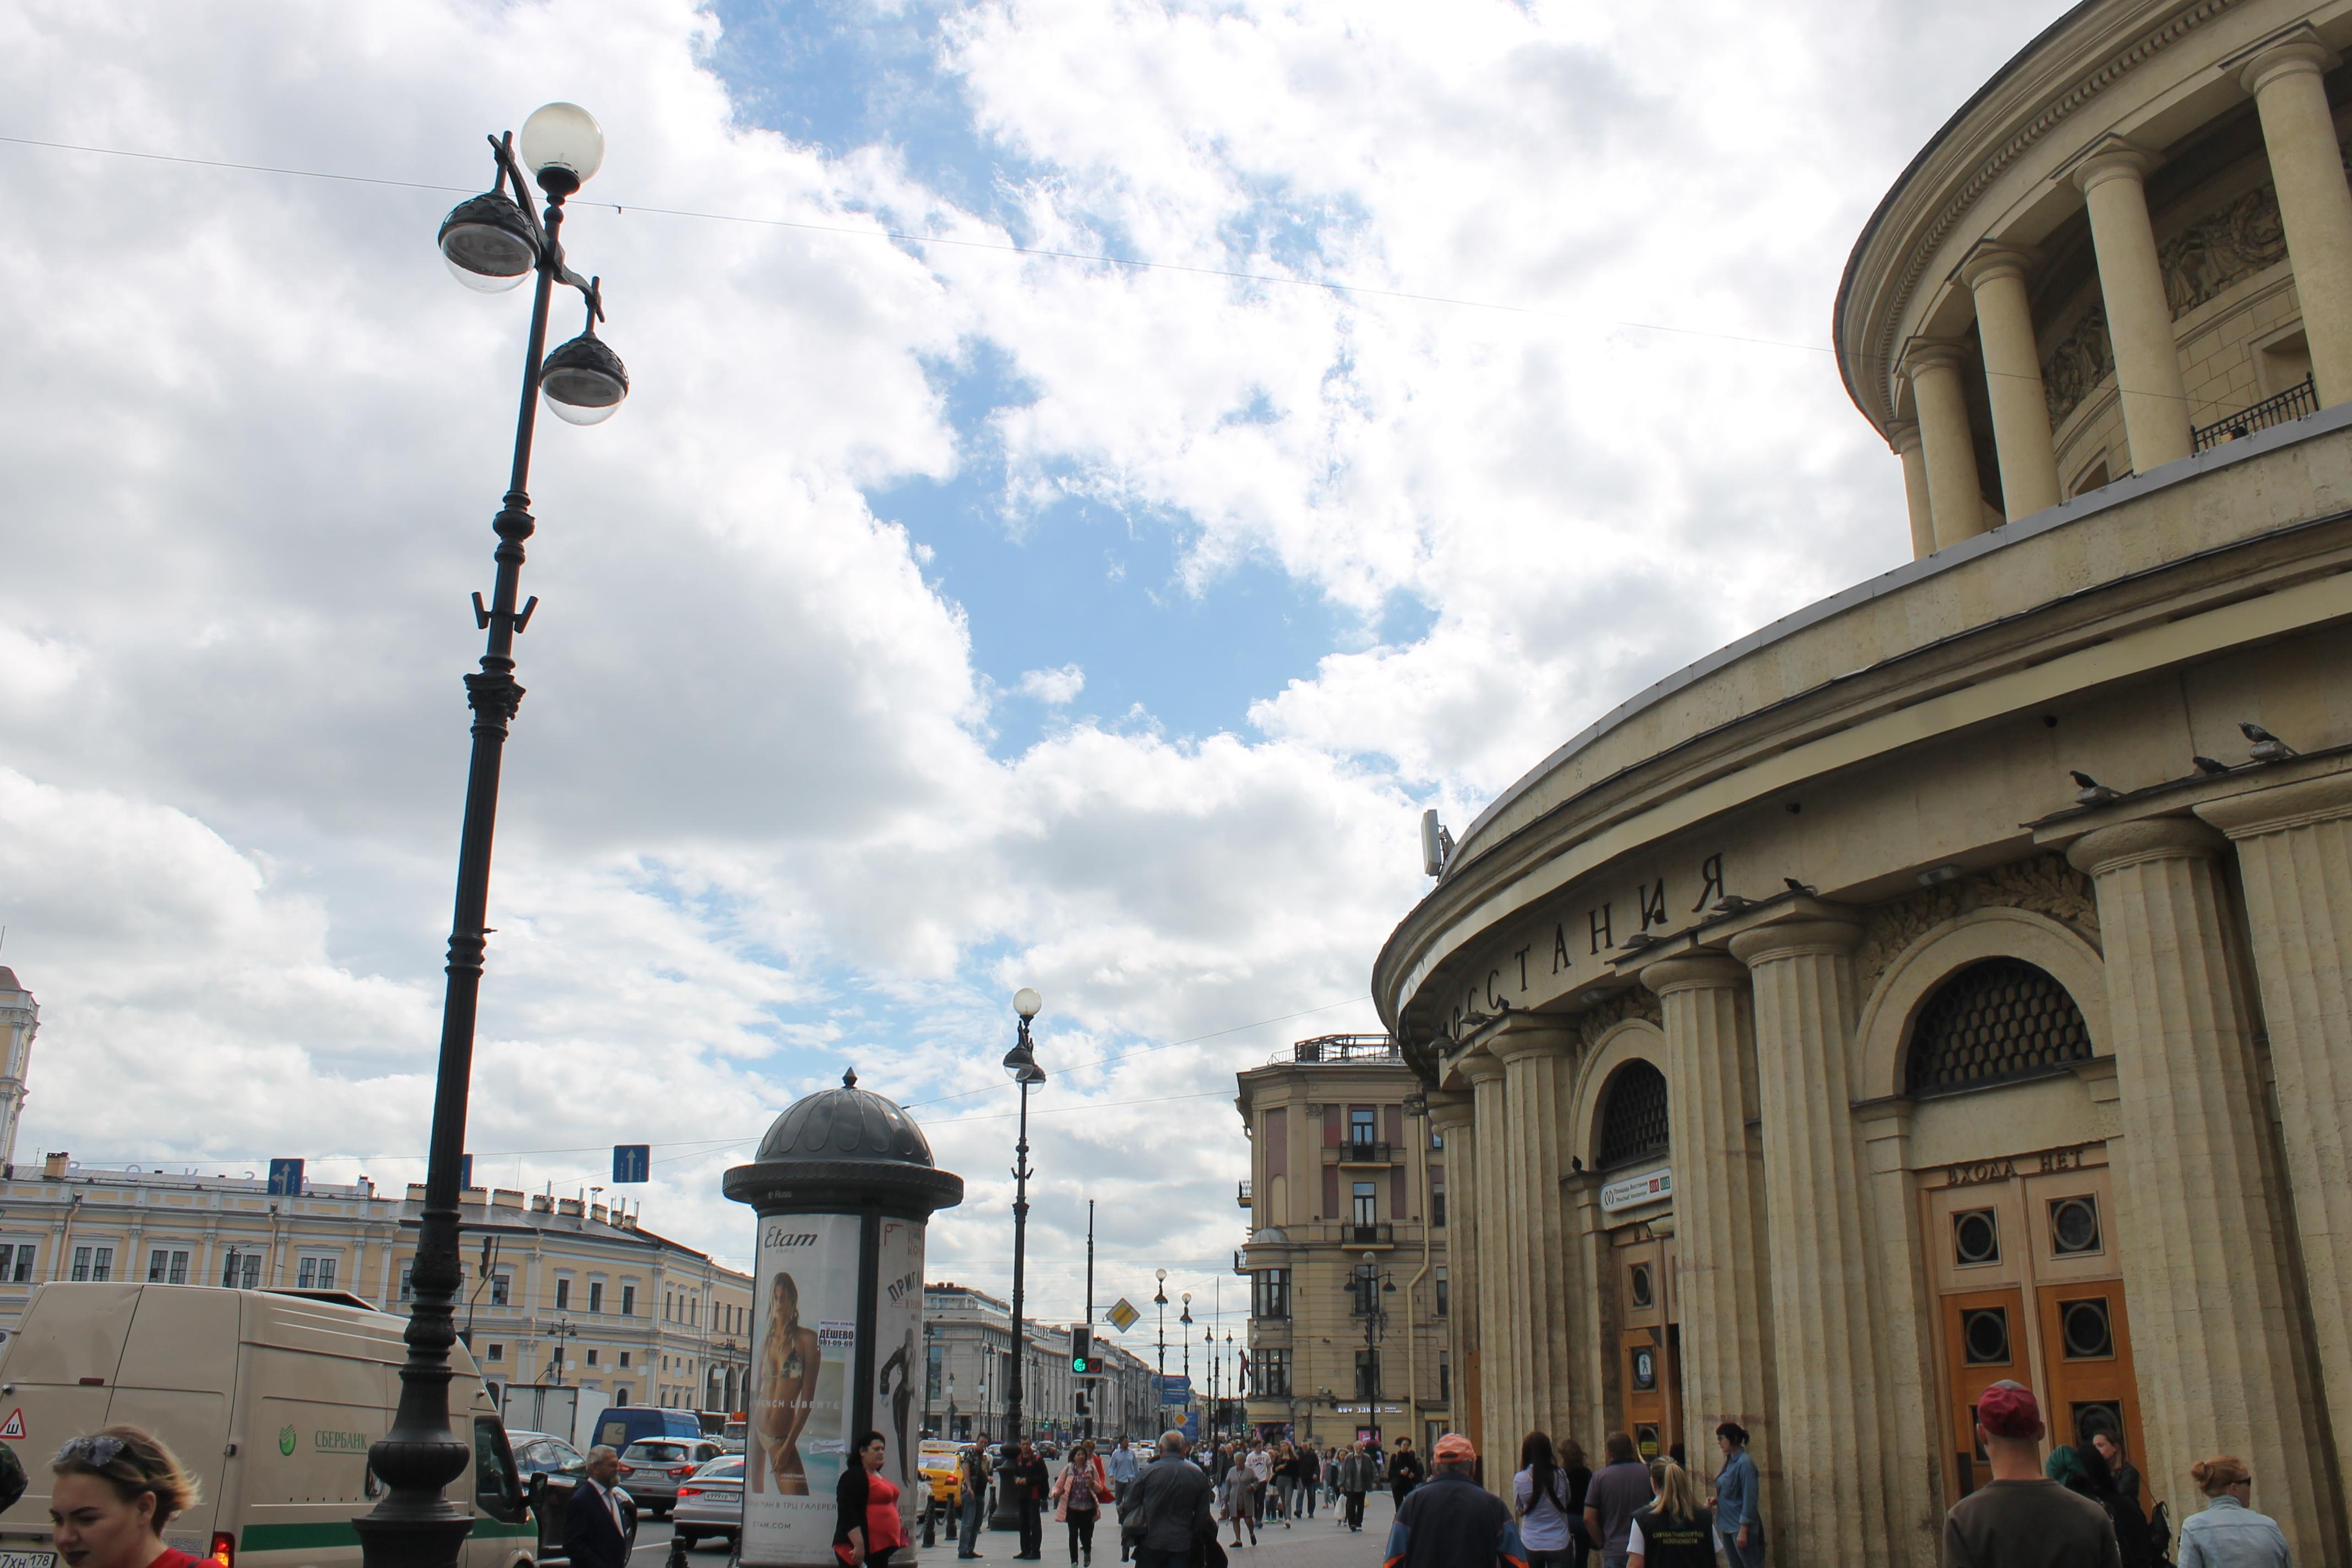 Ротонда вестибюля станции метро площадь восстания